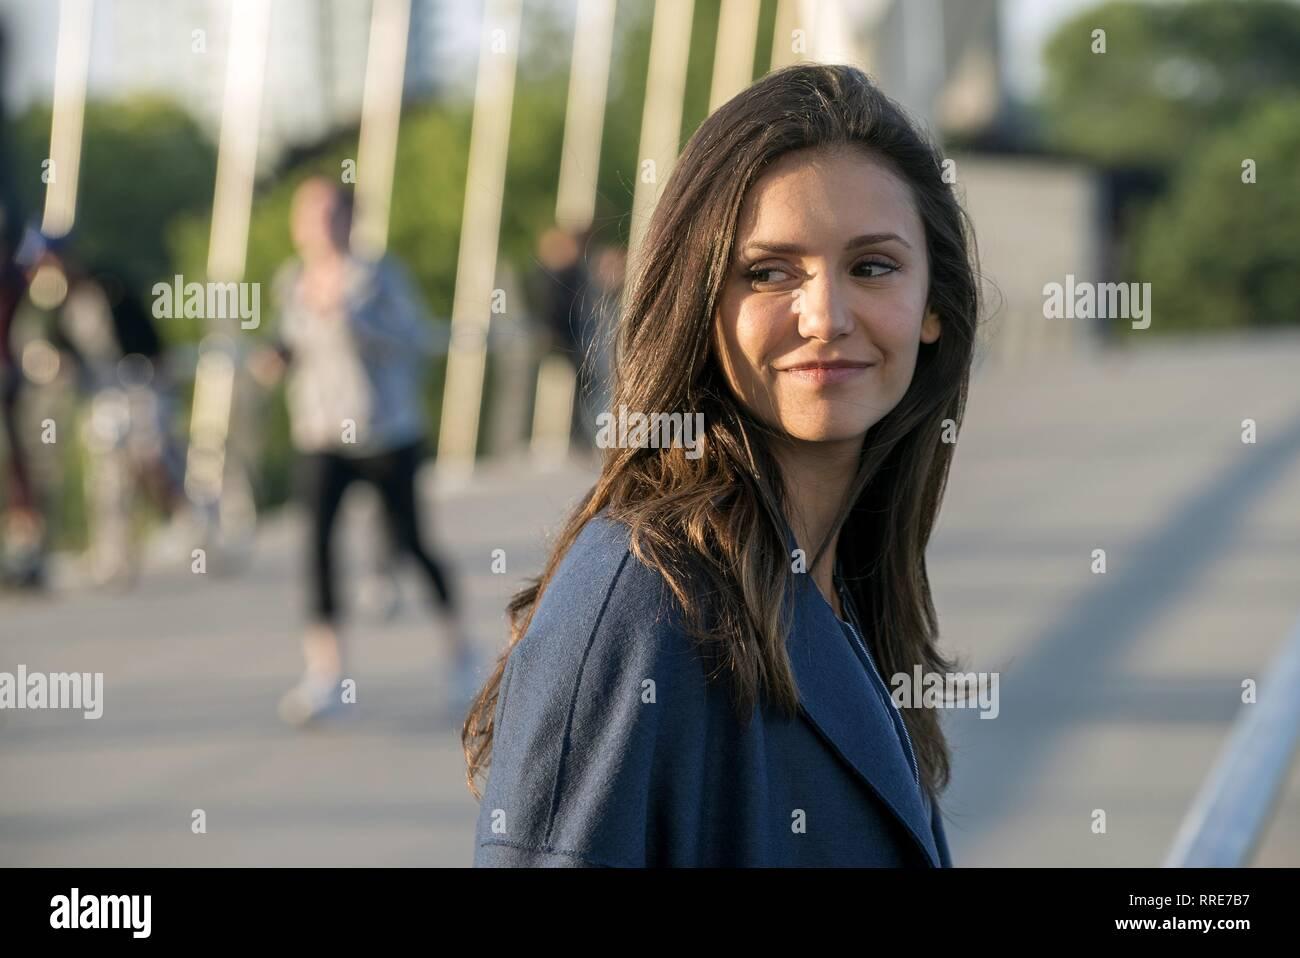 FLATLINERS, NINA DOBREV, 2017 - Stock Image